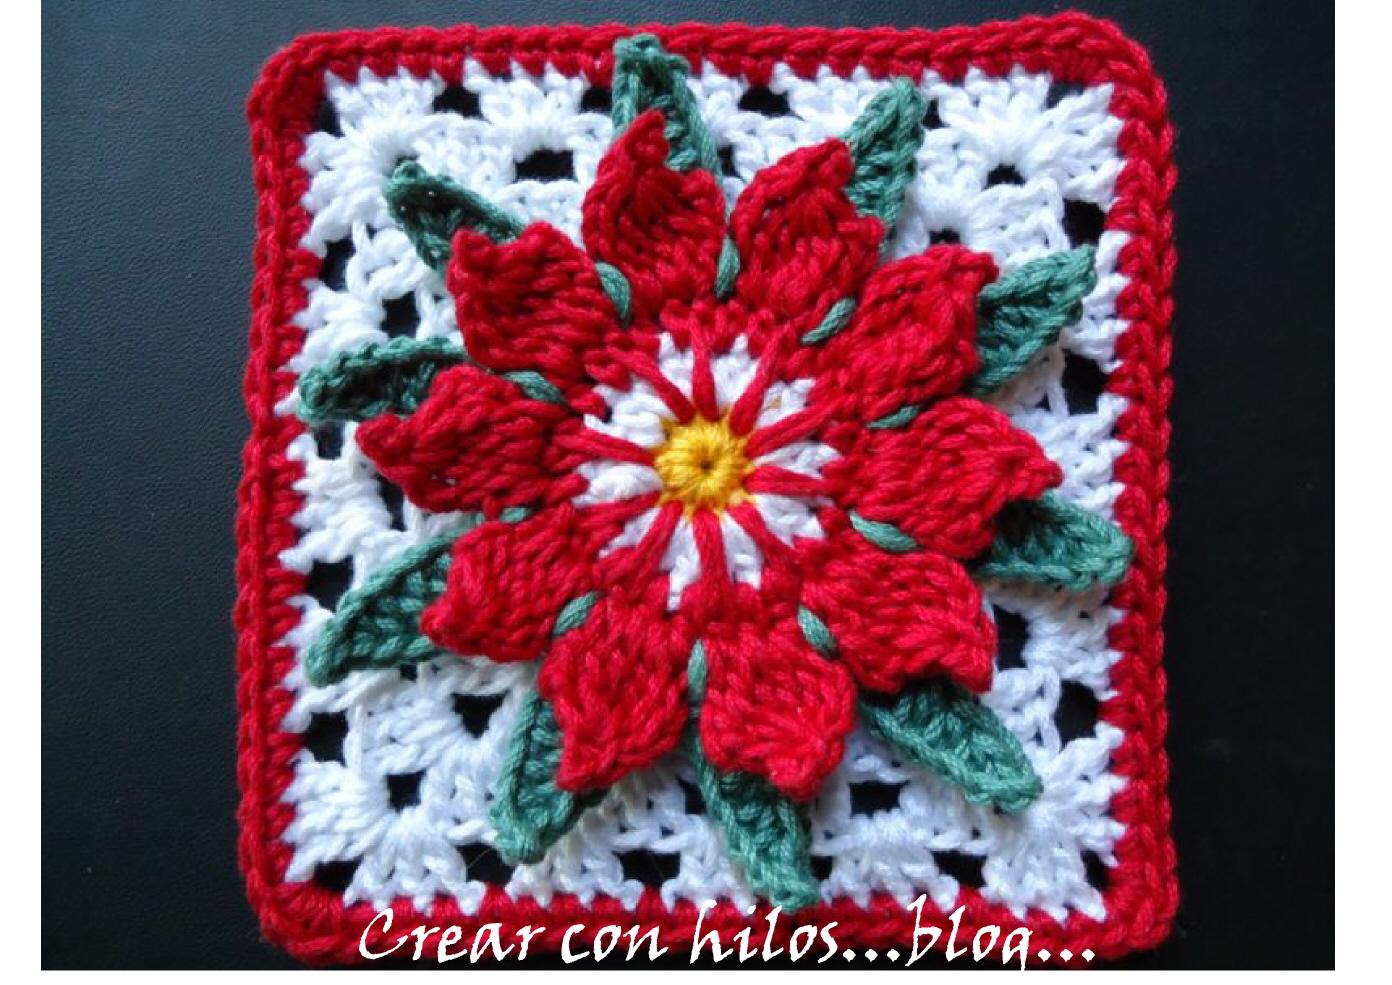 Big handmade granny flor de cactus cactus flower granny for Cactus navideno